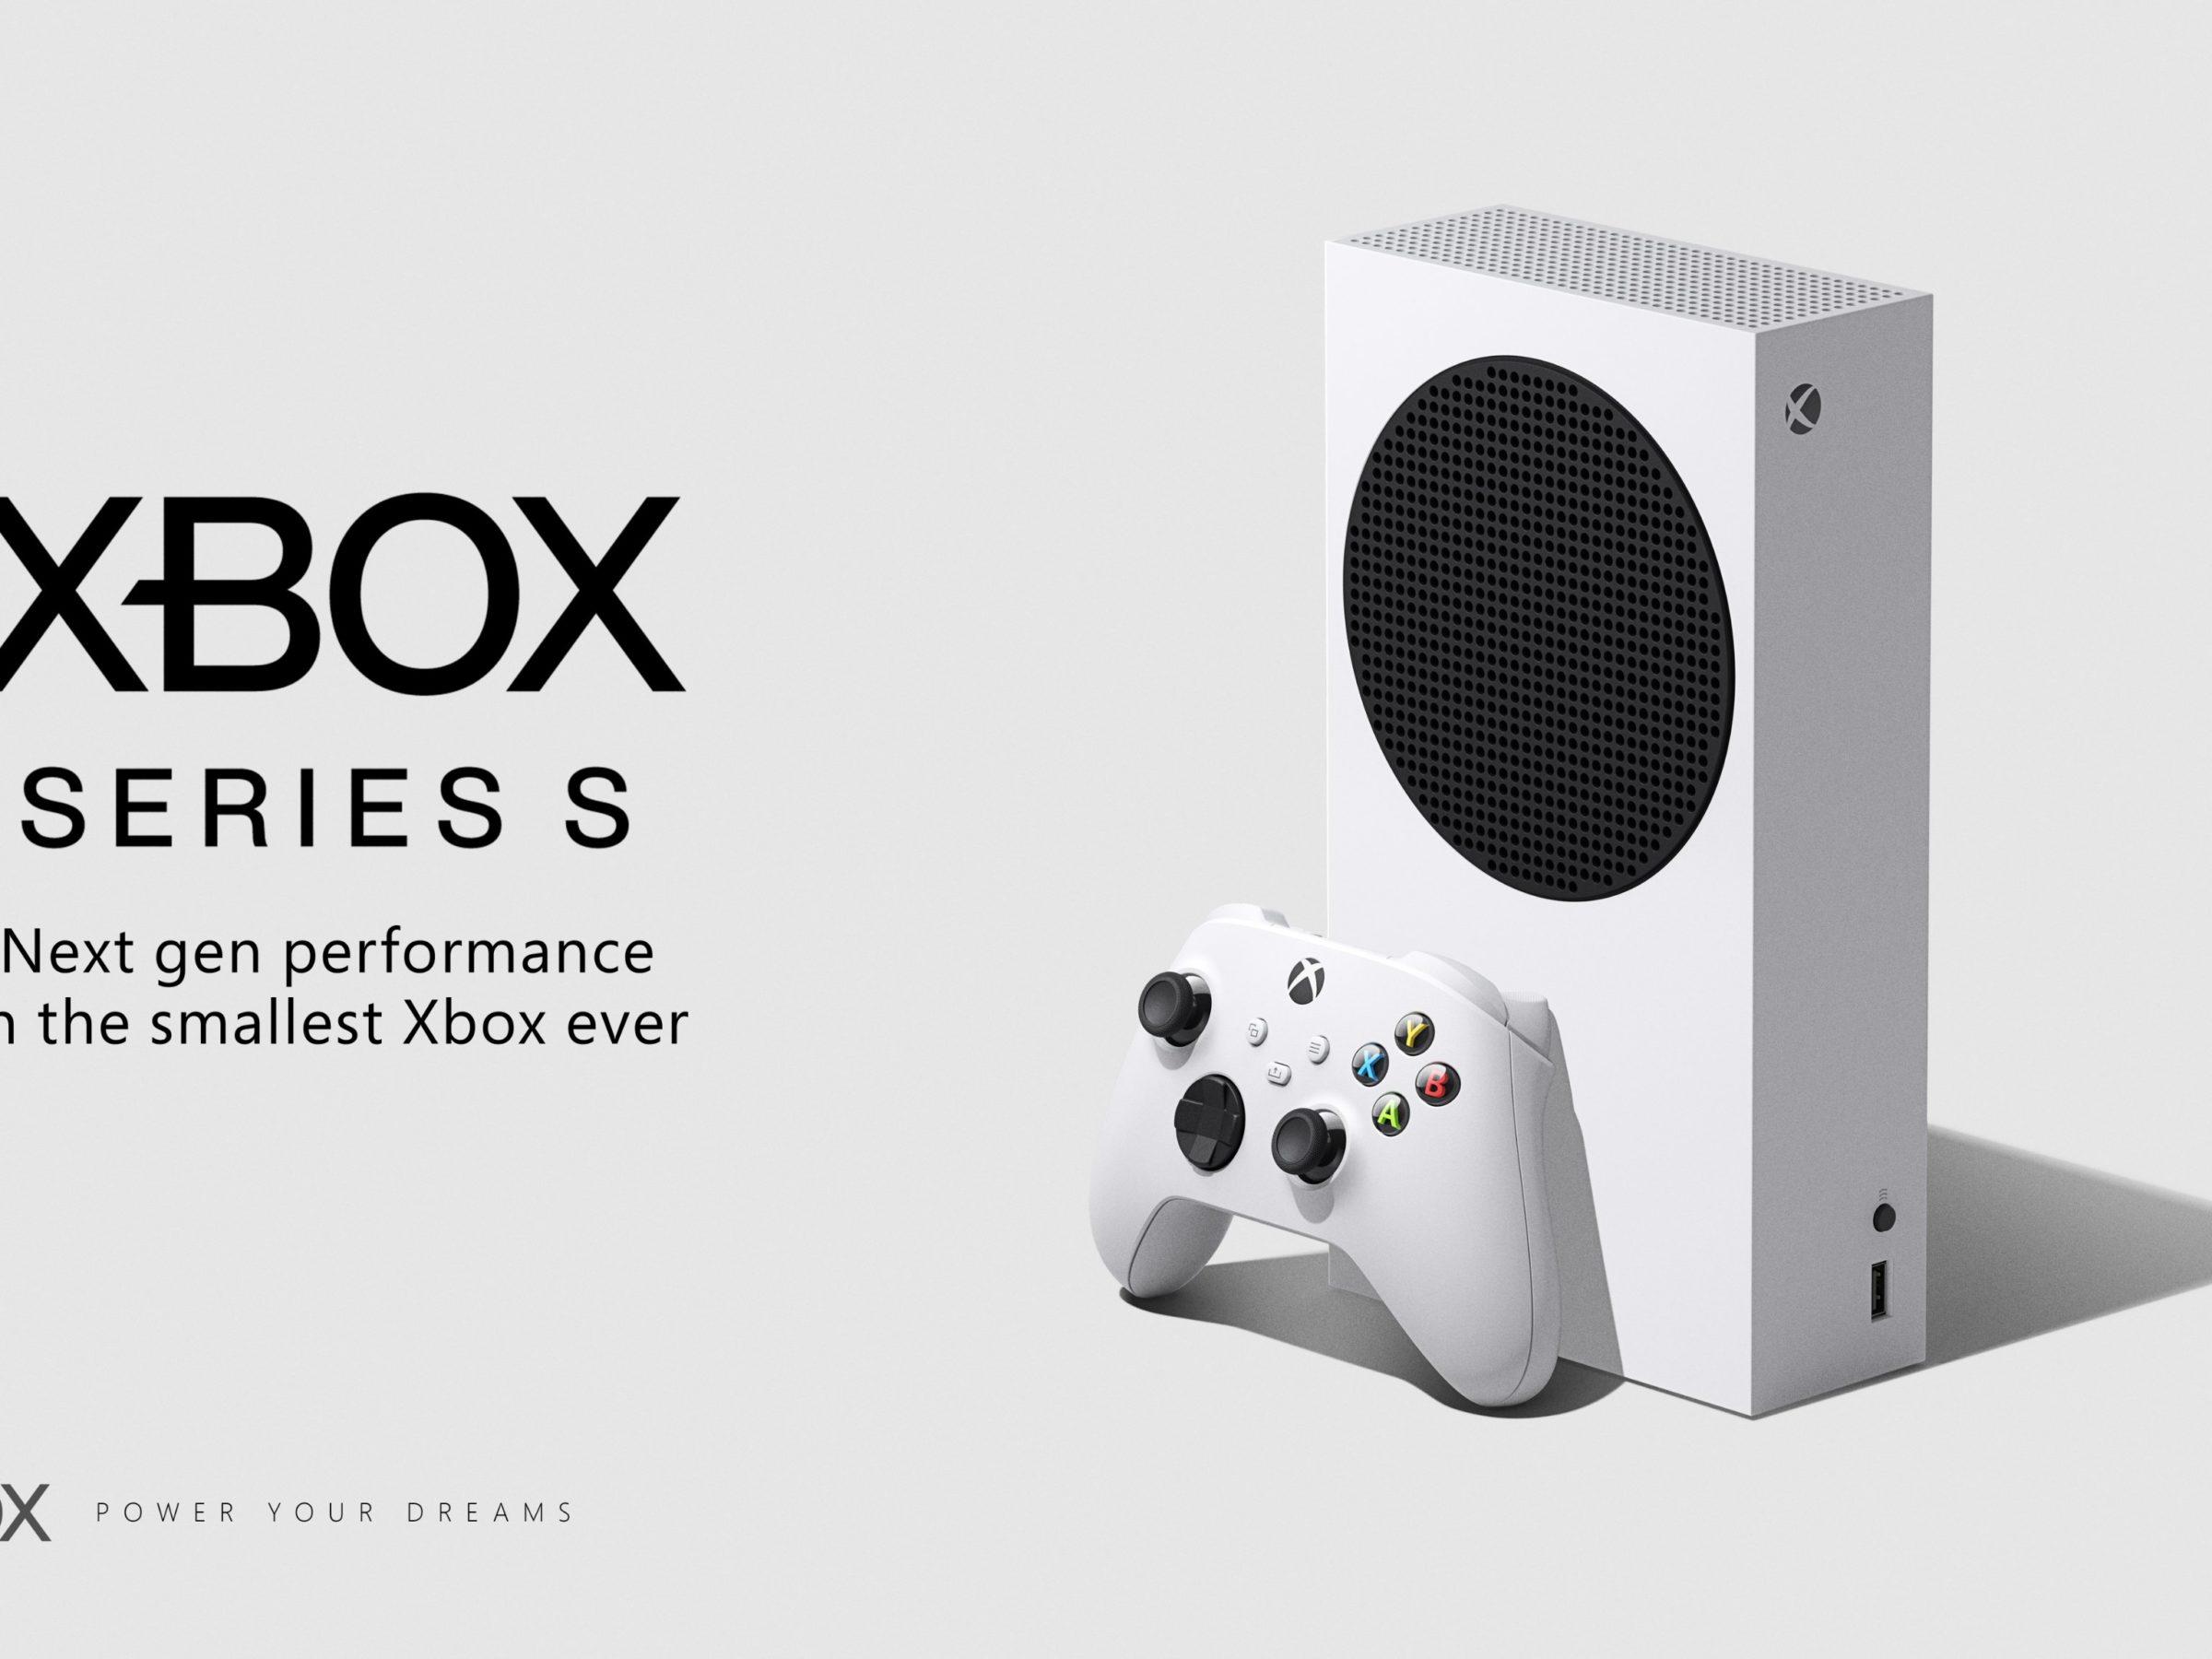 The White Xbox Series S